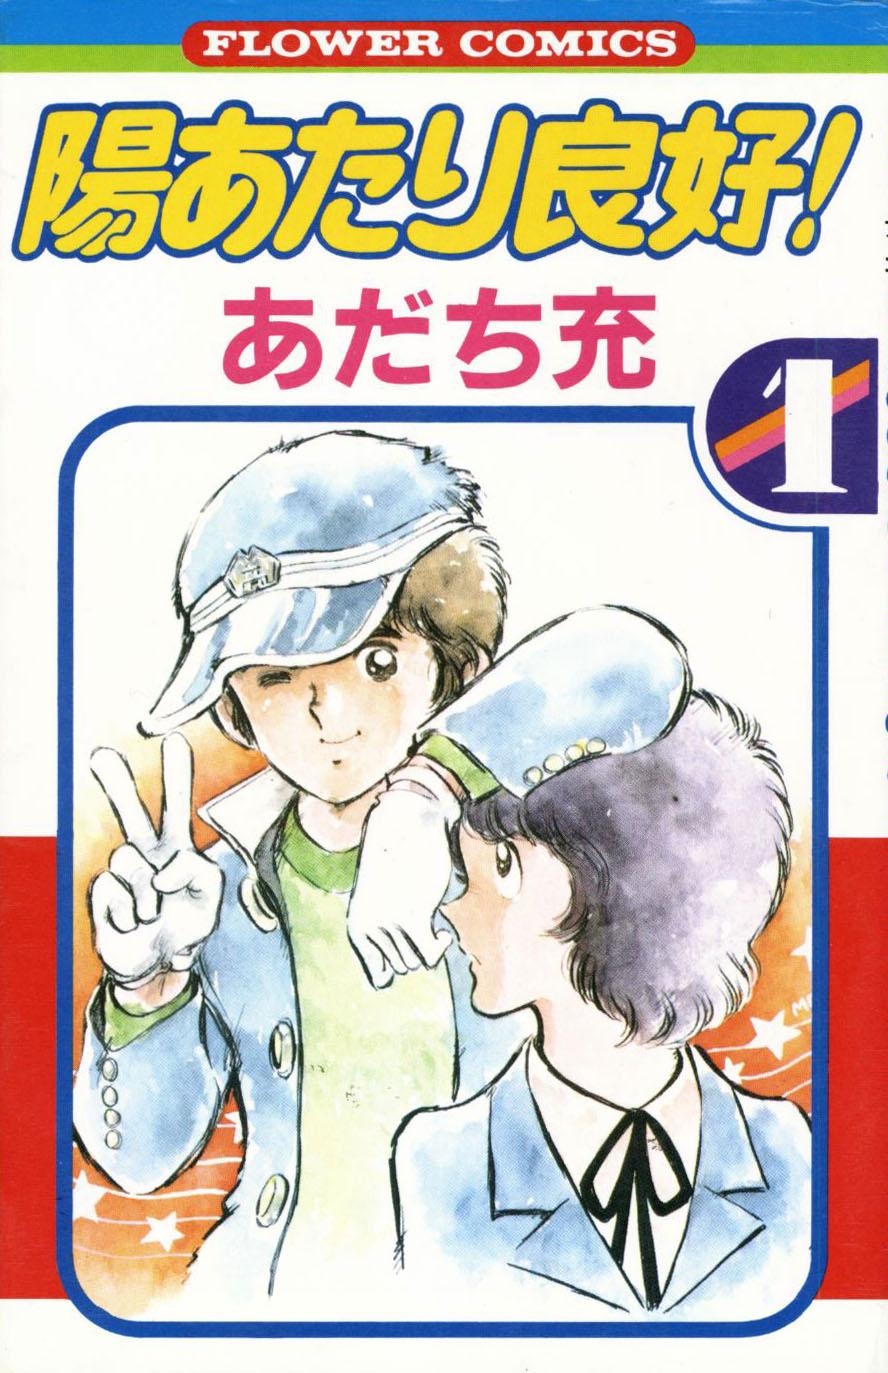 Hiatari Ryoko Cover Giapponese